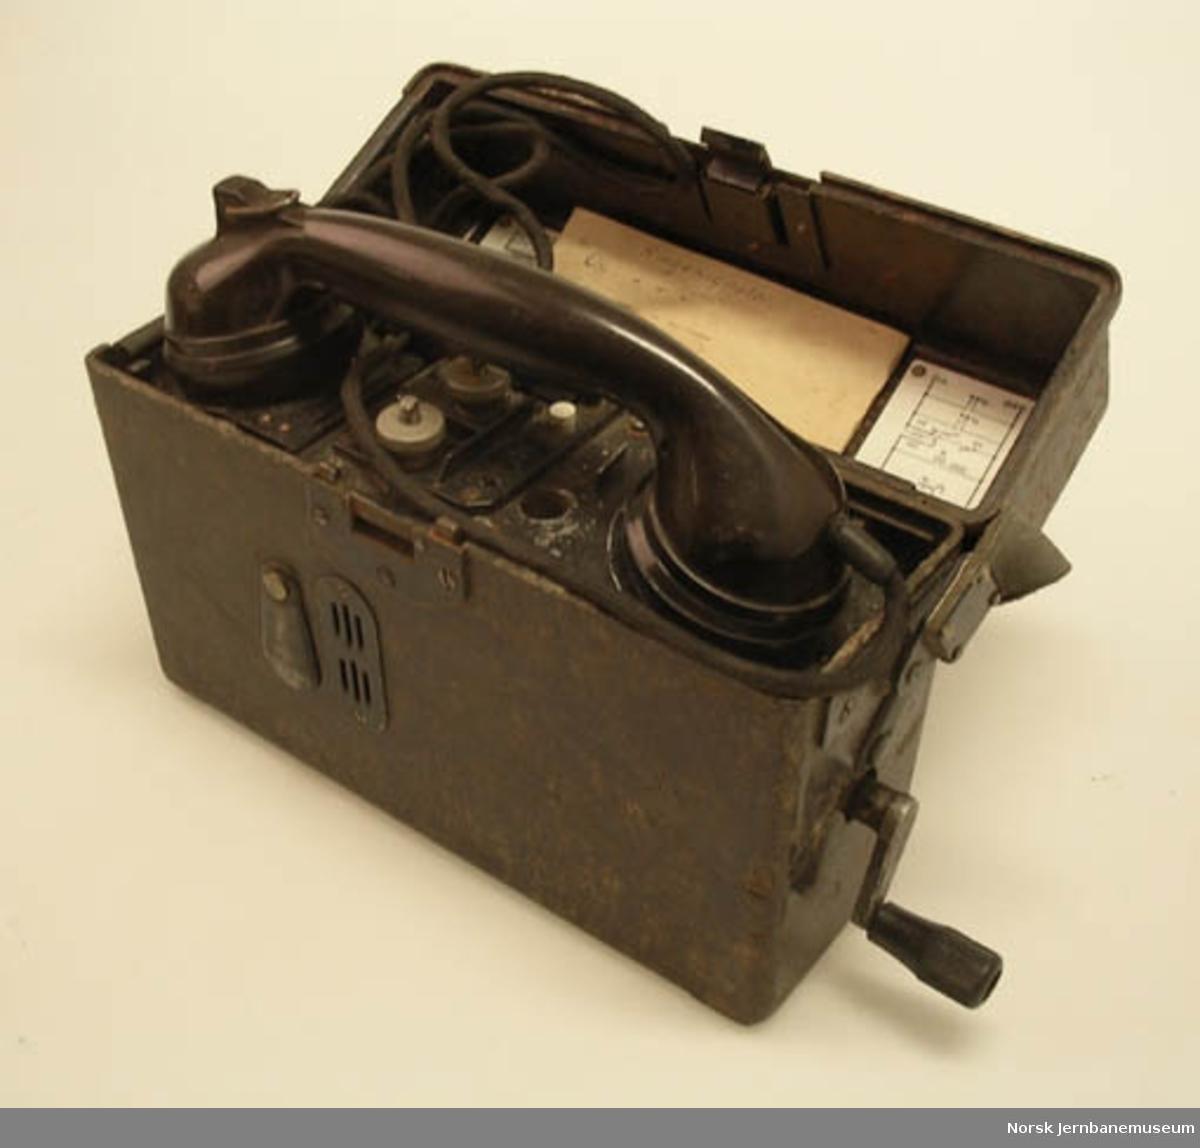 Felttelefon i kasse av bakelitt